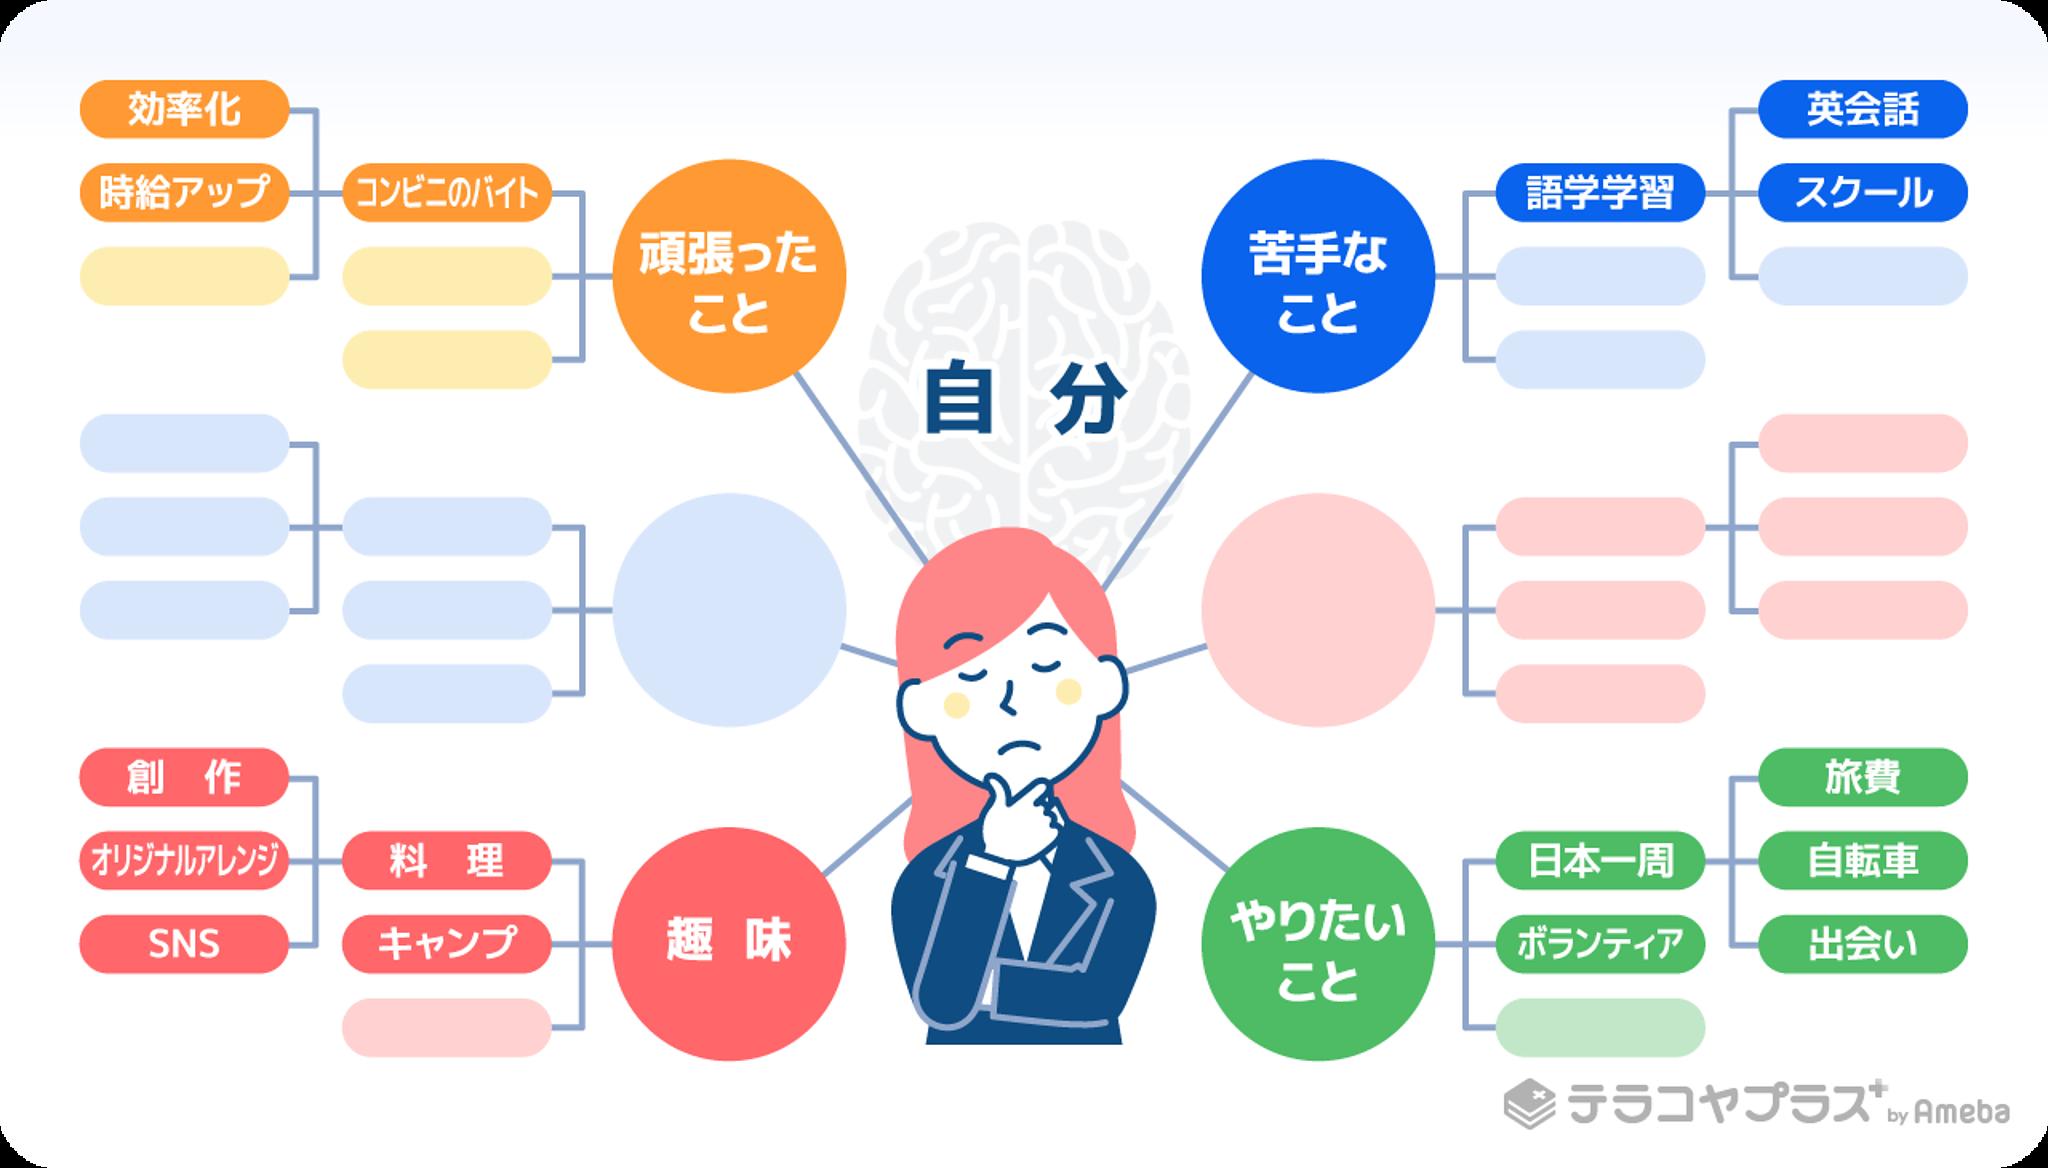 マインドマップの書き方のイラスト画像